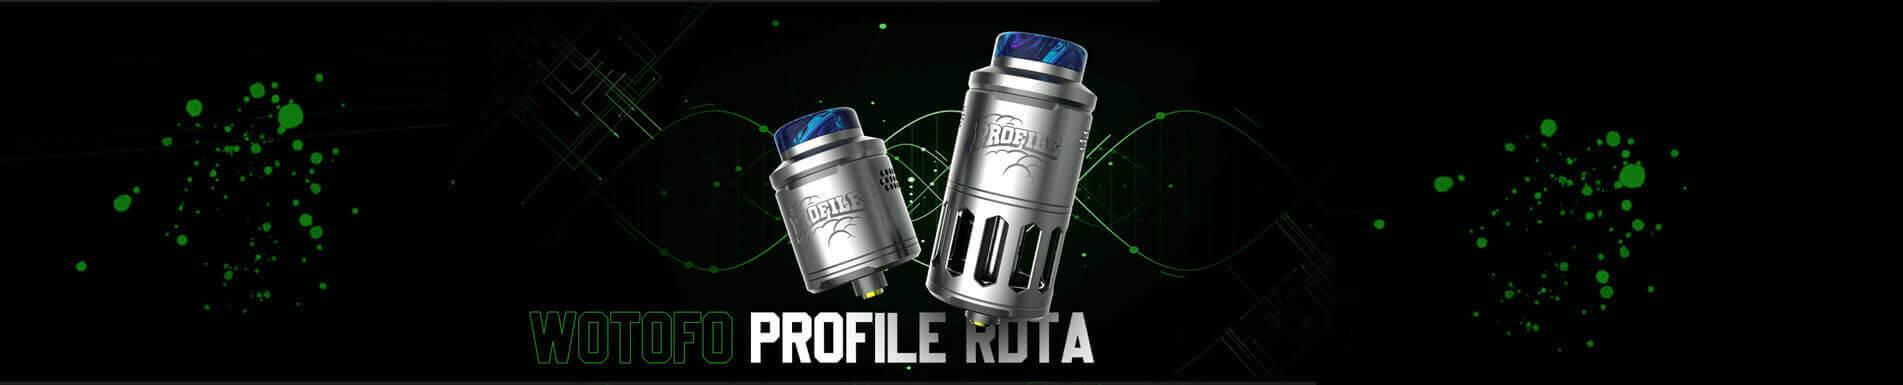 Atomiseur Wotofo Profile RDTA